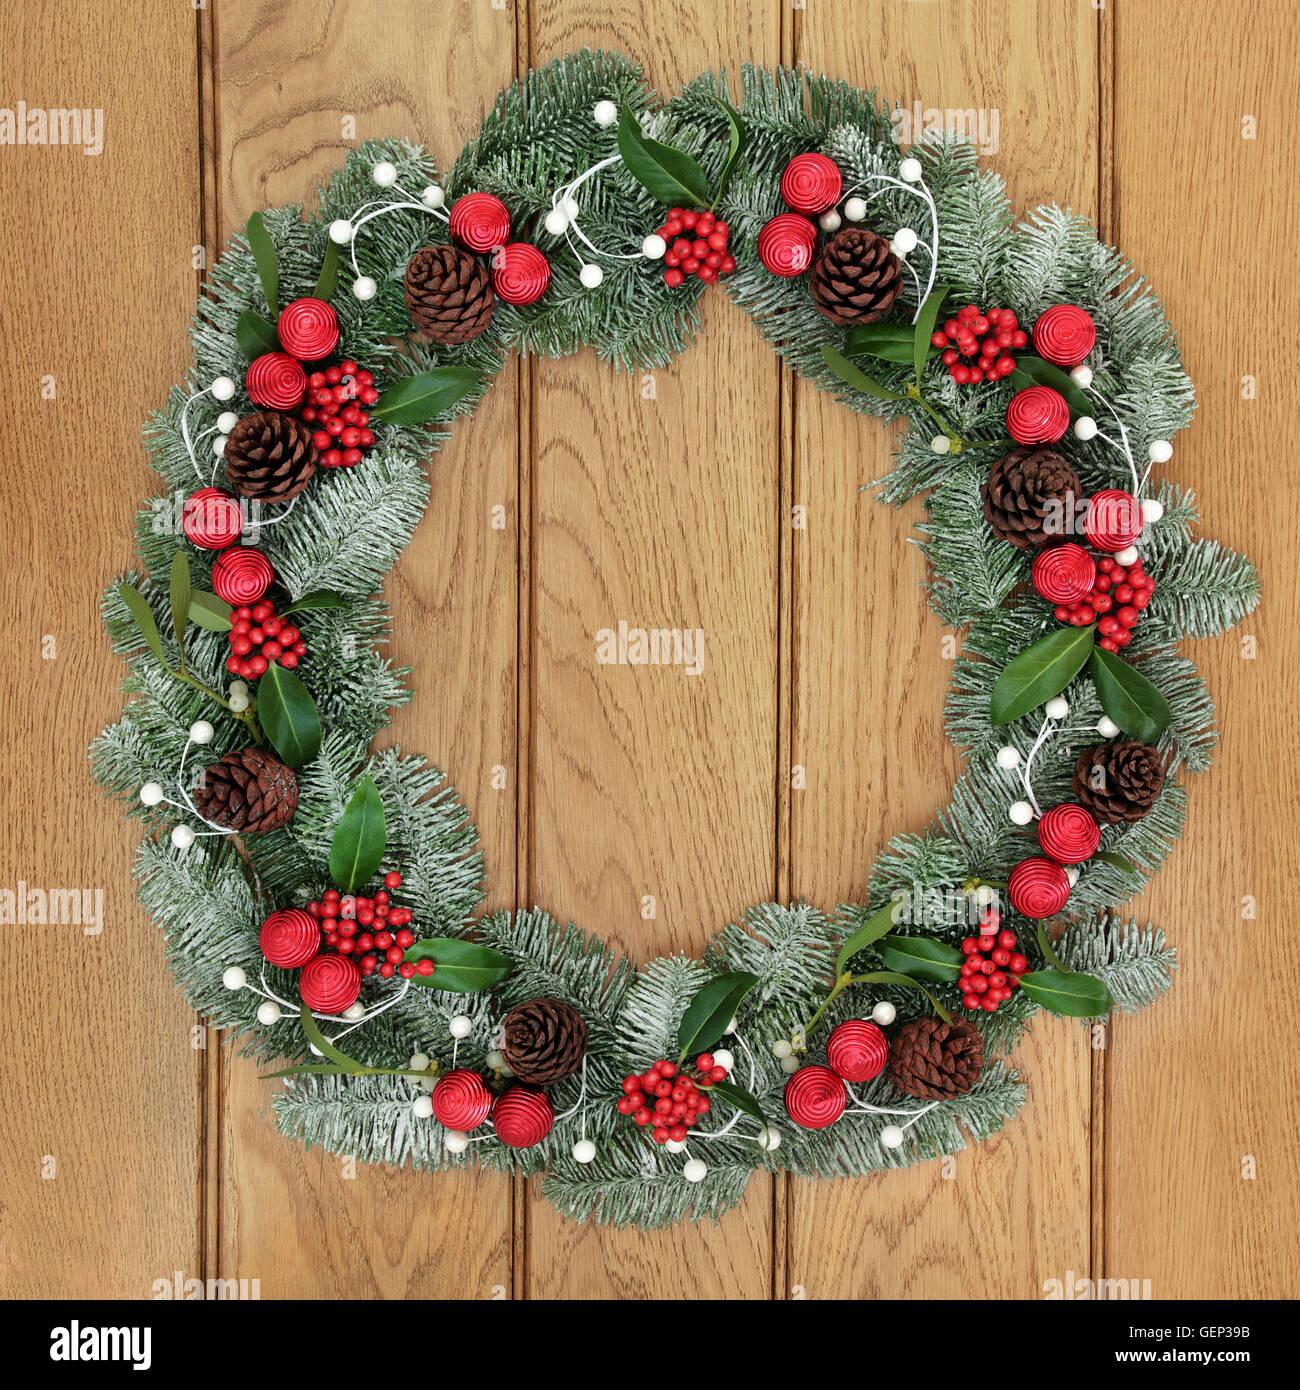 Weihnachtsdeko Kranz weihnachts deko tür | weihnachten kranz linie und glyphsymbol